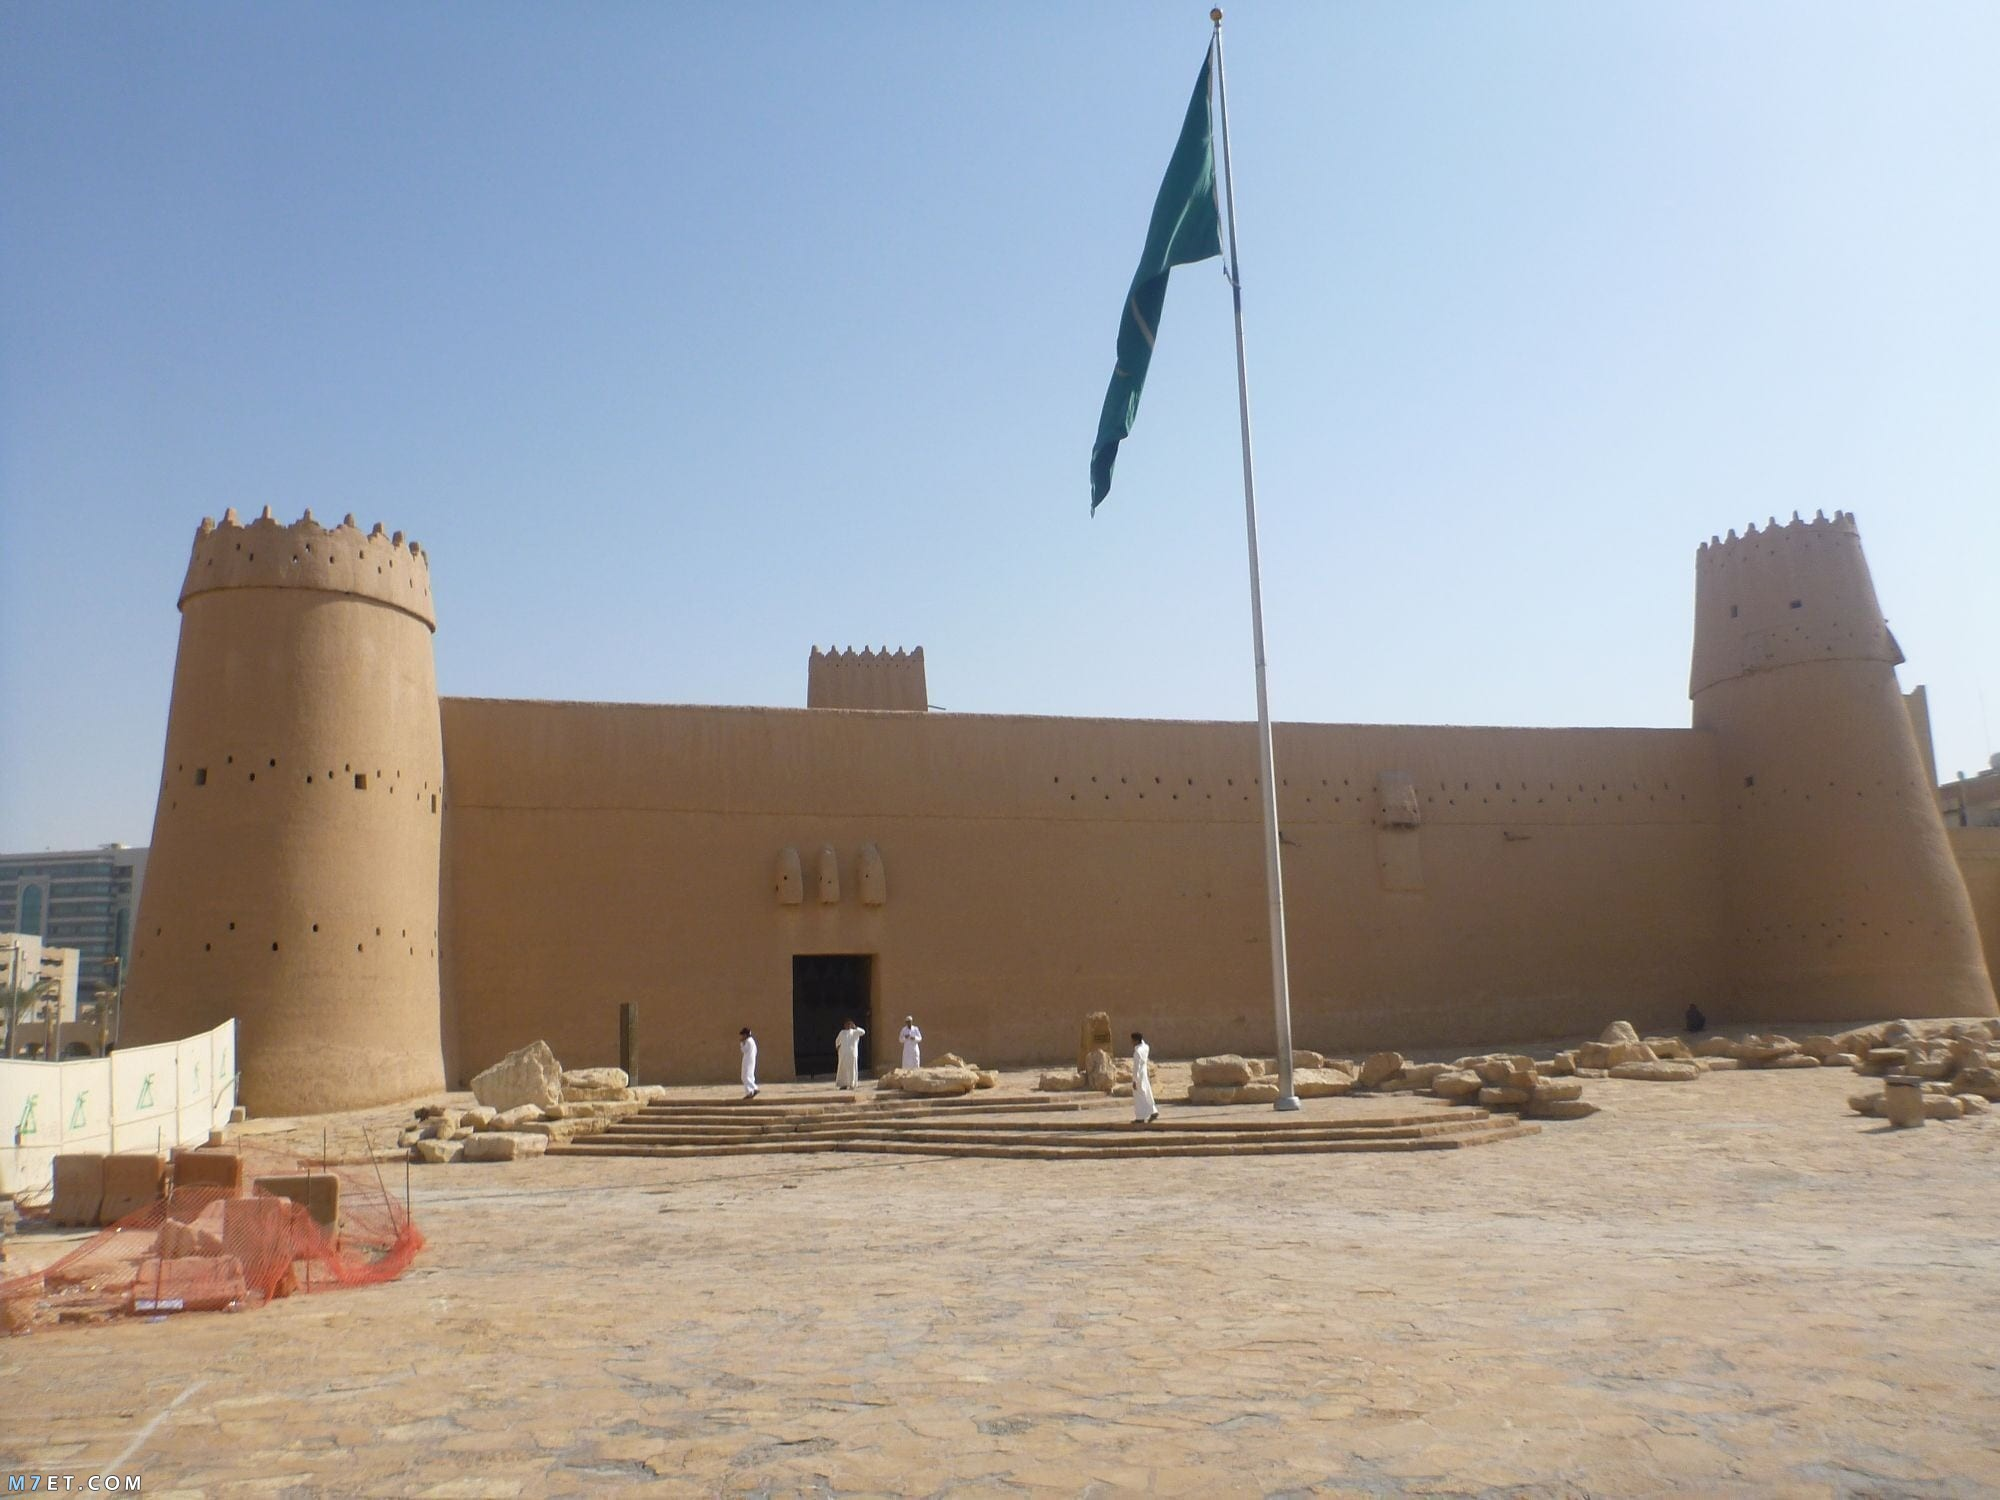 بحث عن قصر المصمك شامل اهم 6 معلومات عن قصر المصمك